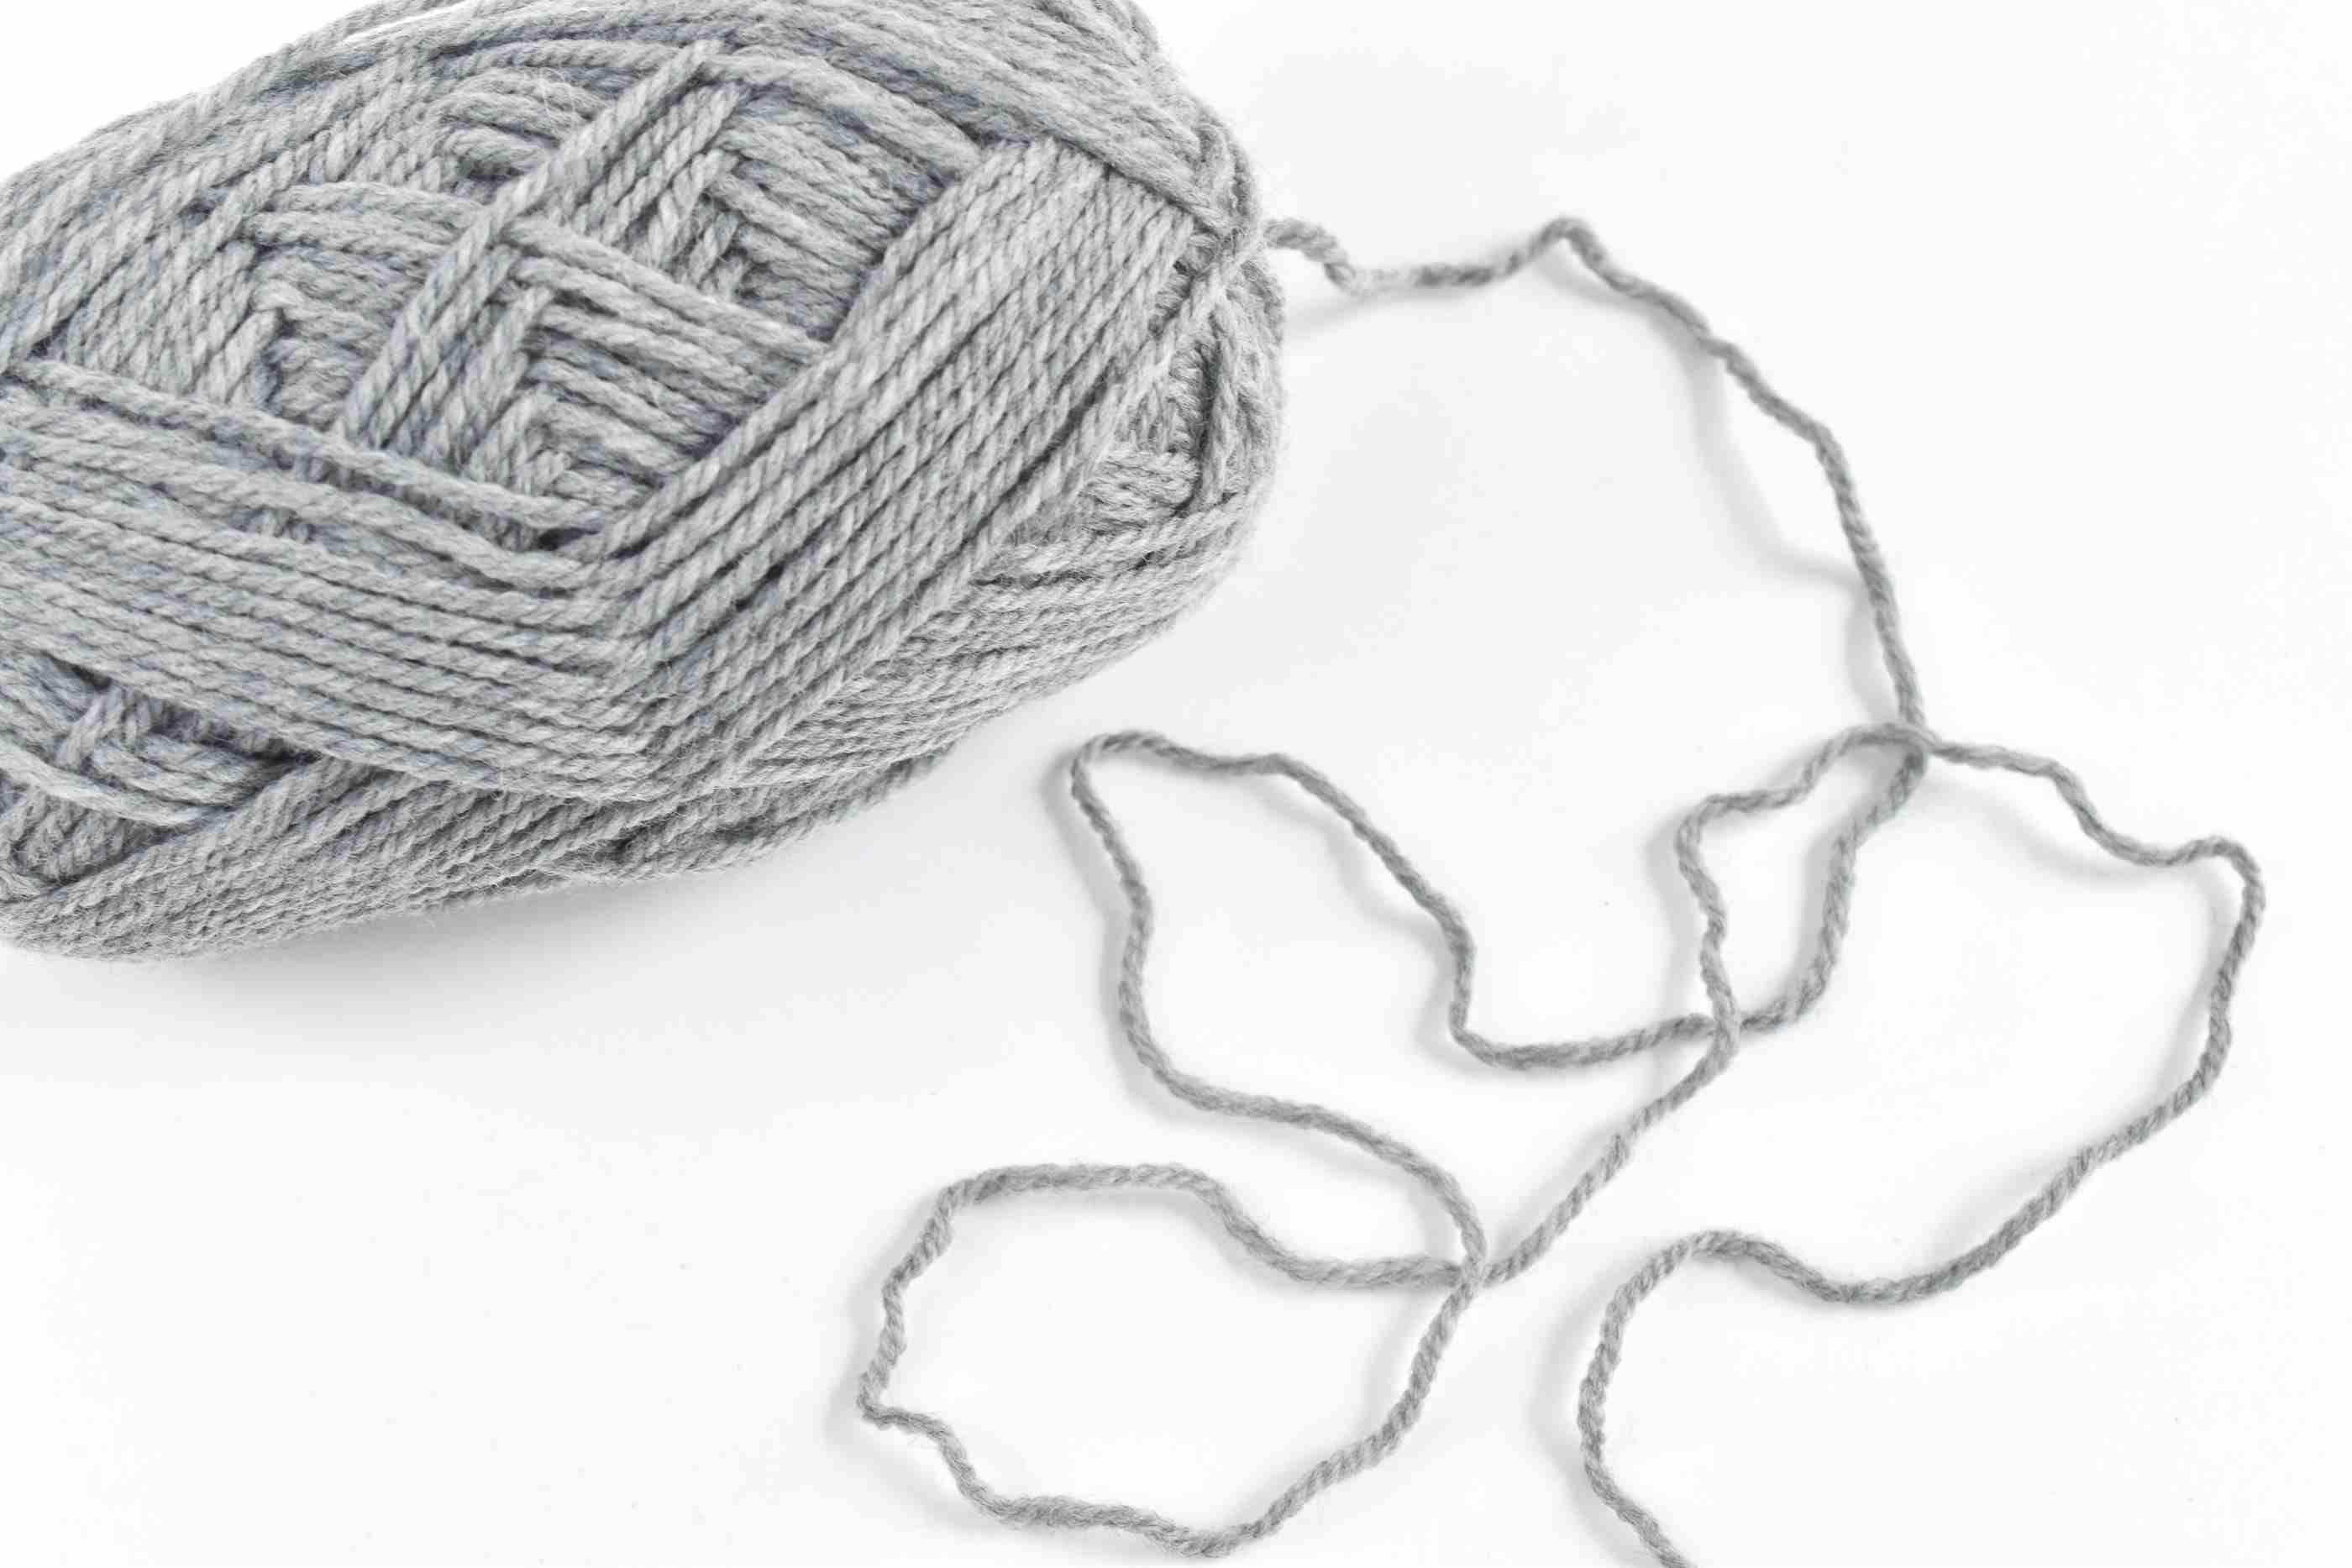 Choosing Yarn for Felting